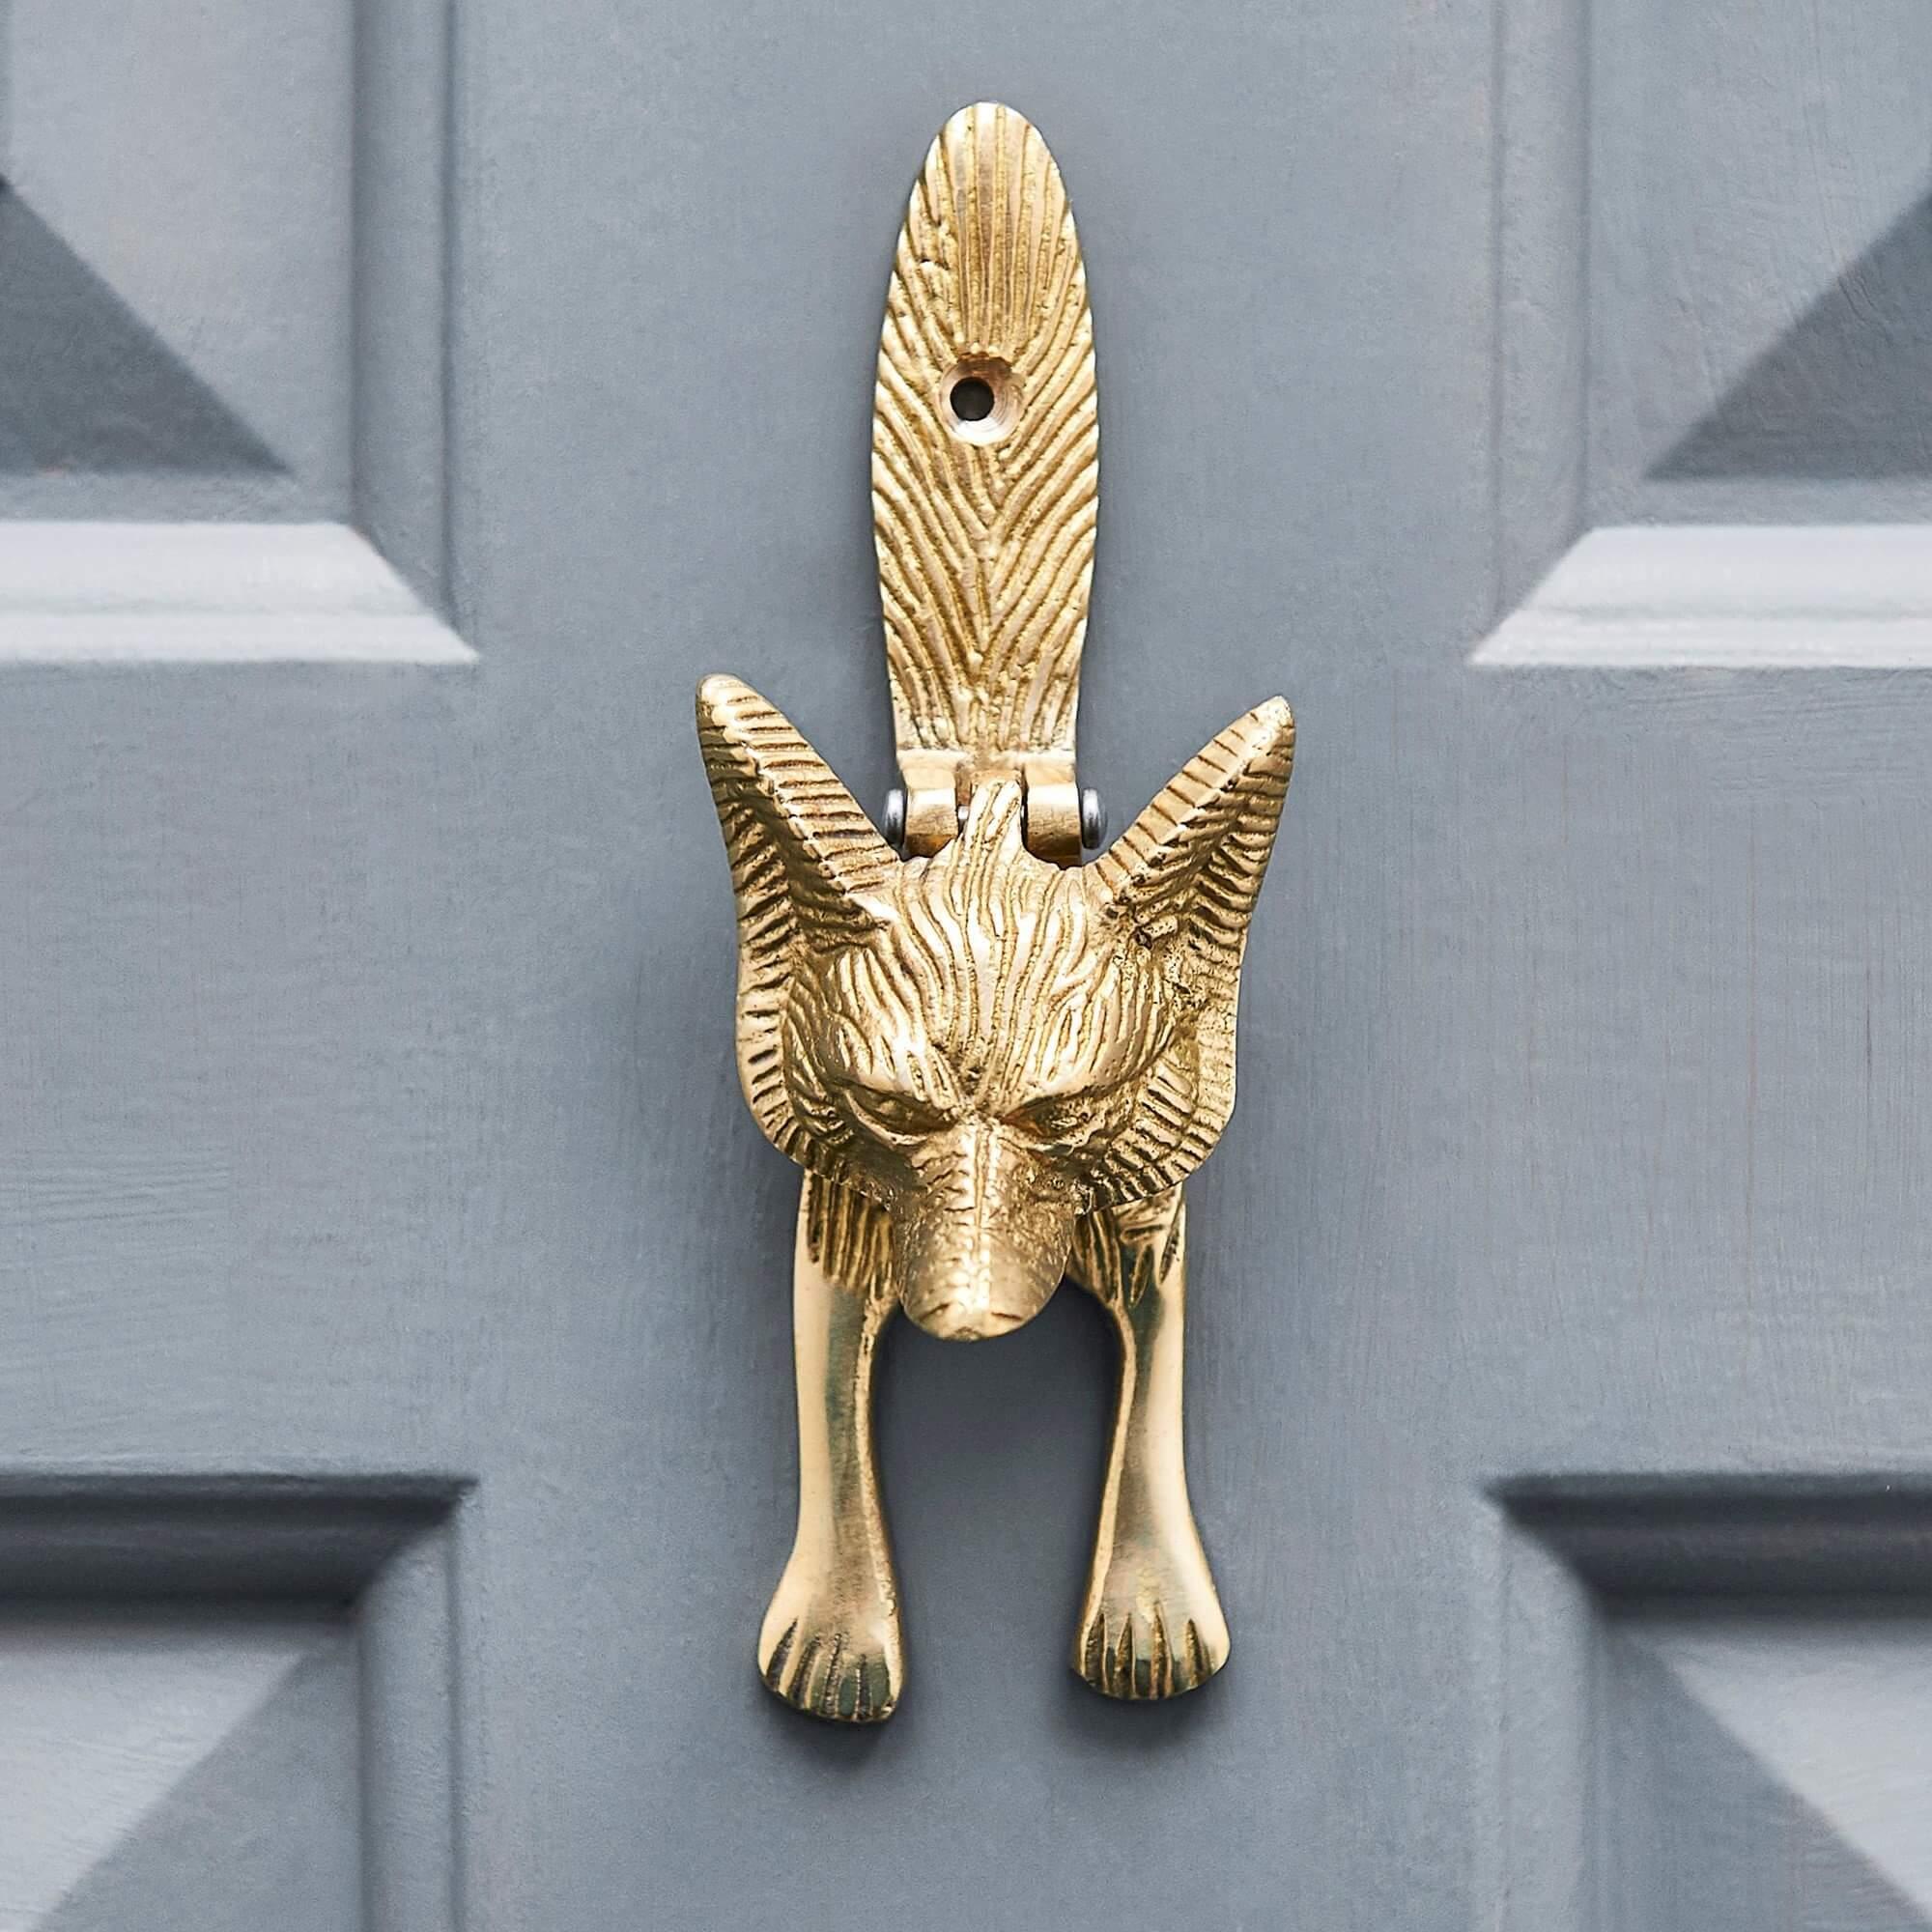 Fox Door Knocker - Aged Brass